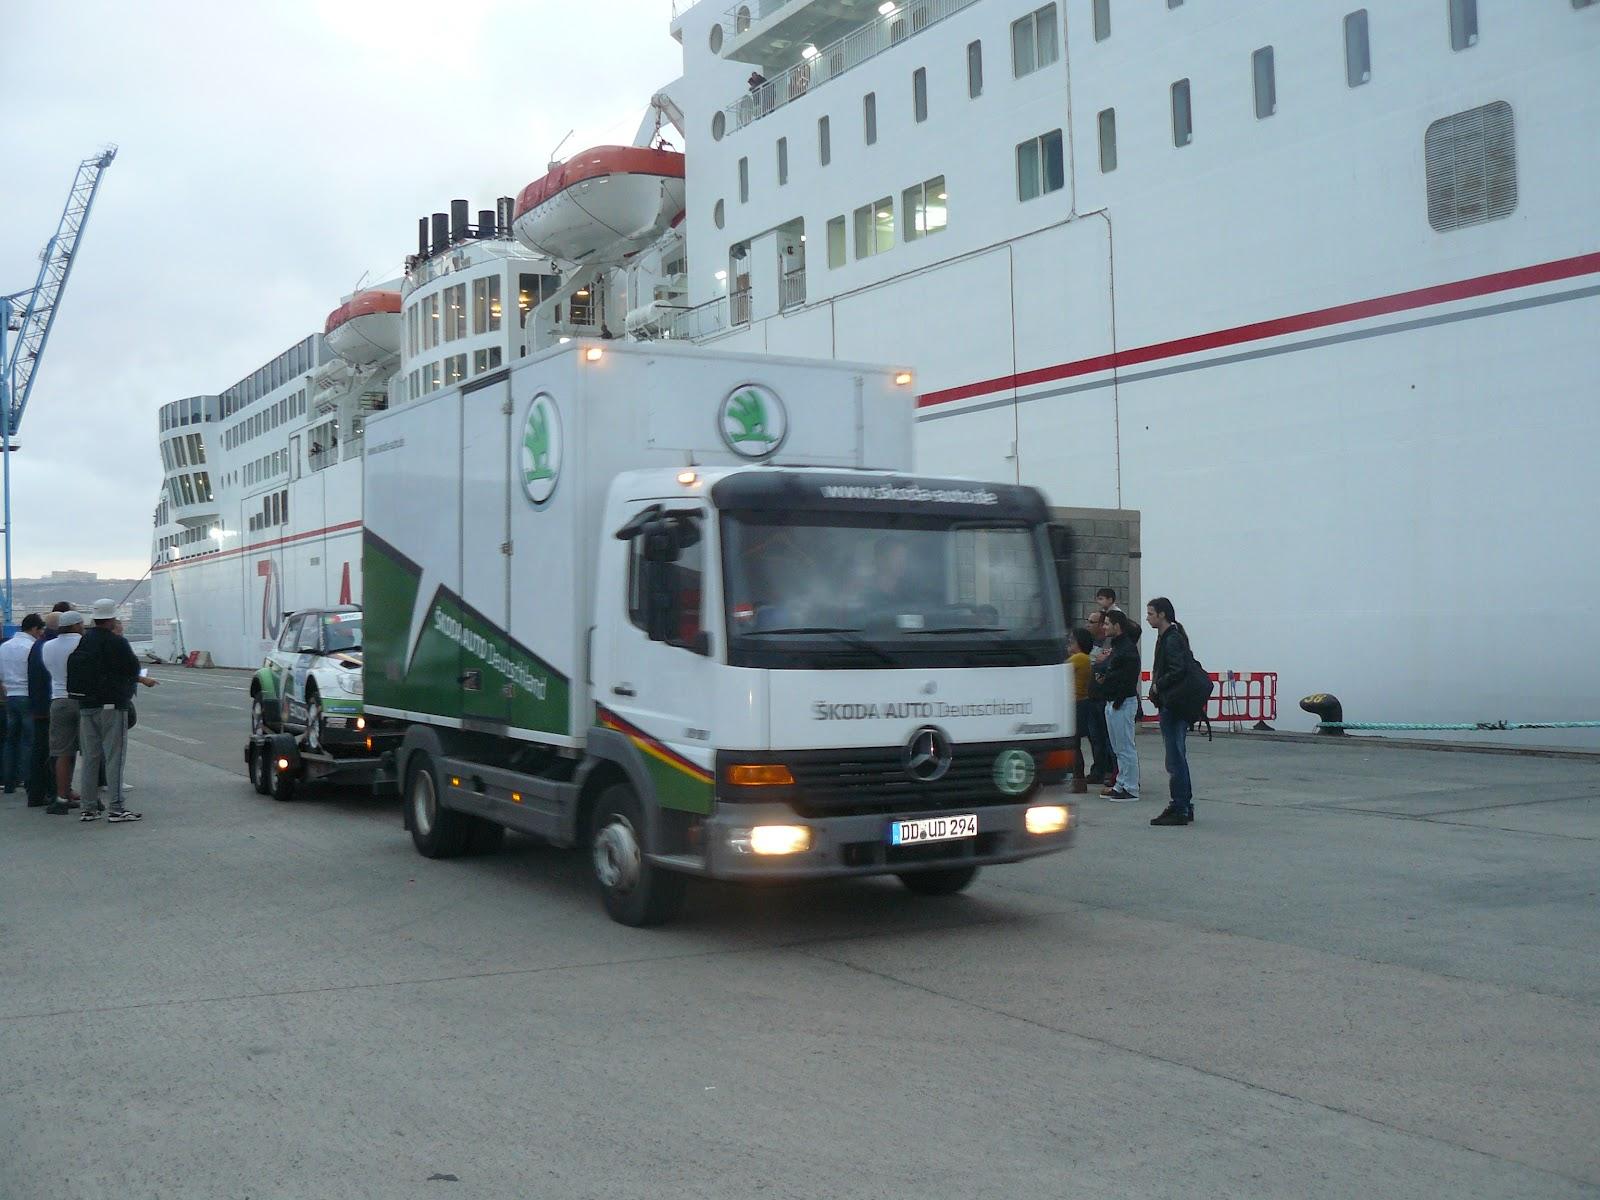 Navieraarmasblog naviera armas transportista oficial del 36 rally islas canarias - Transporte entre islas canarias ...